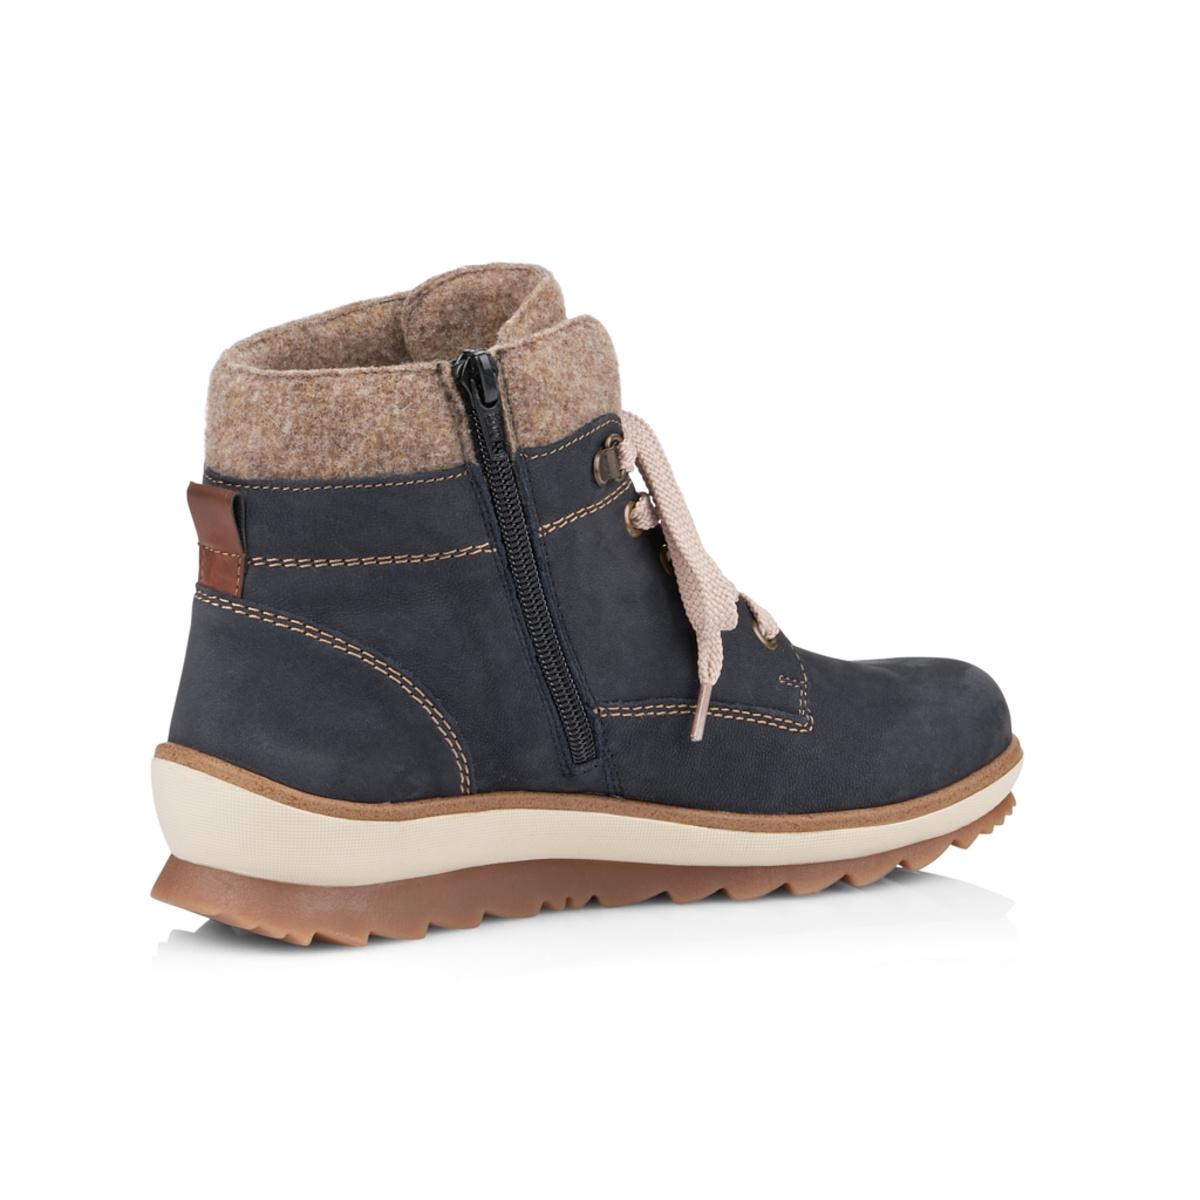 b25bc3c416 detail Dámska obuv RIEKER - REMONTE R4370 14 BLAU KOMBI H W 8